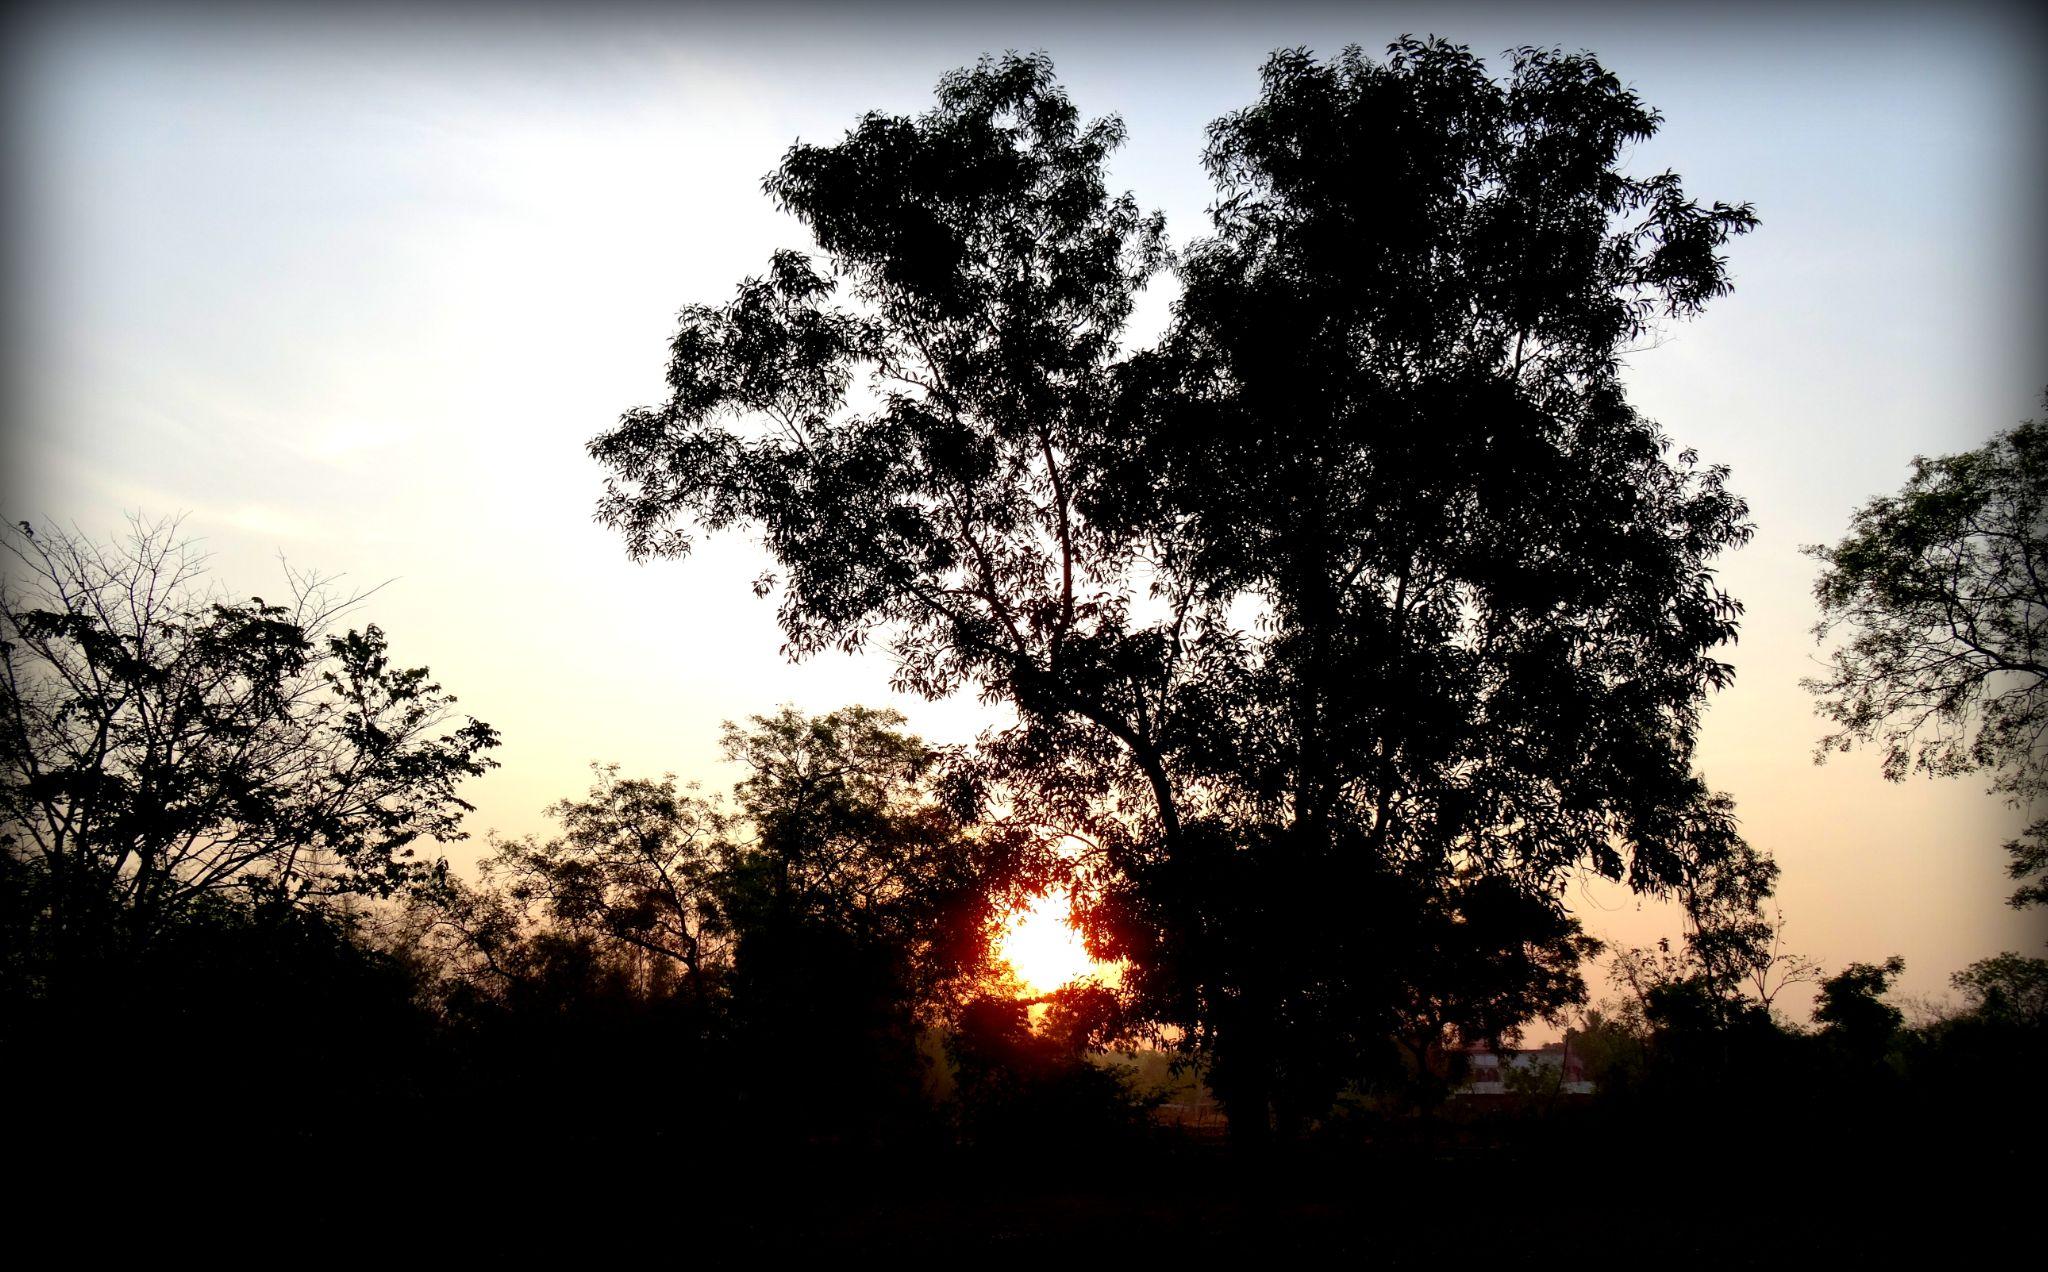 Sunrise by saharajib